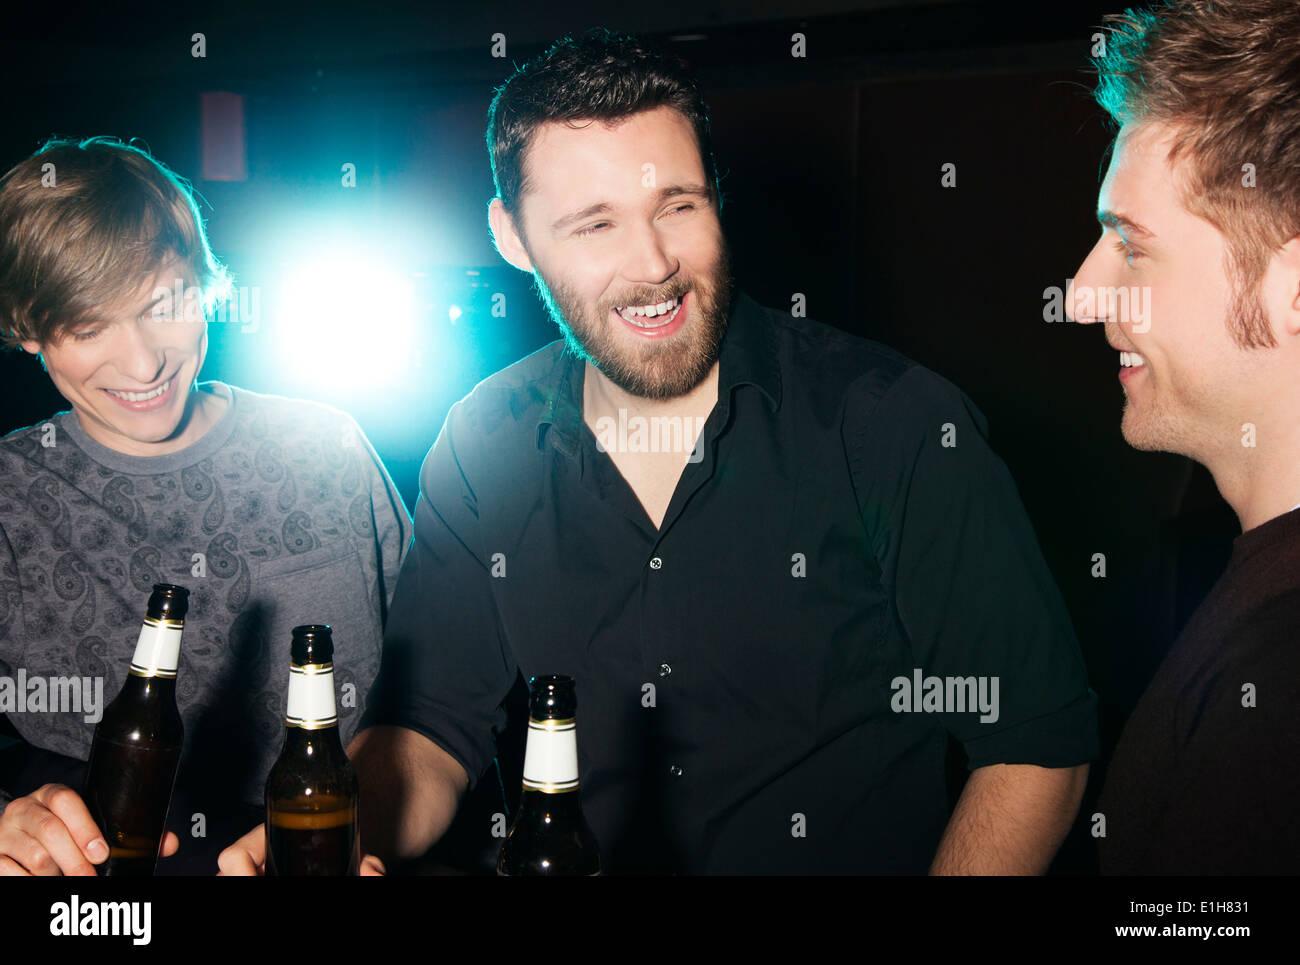 Trois amis de boire la bière en bouteille en boite Photo Stock